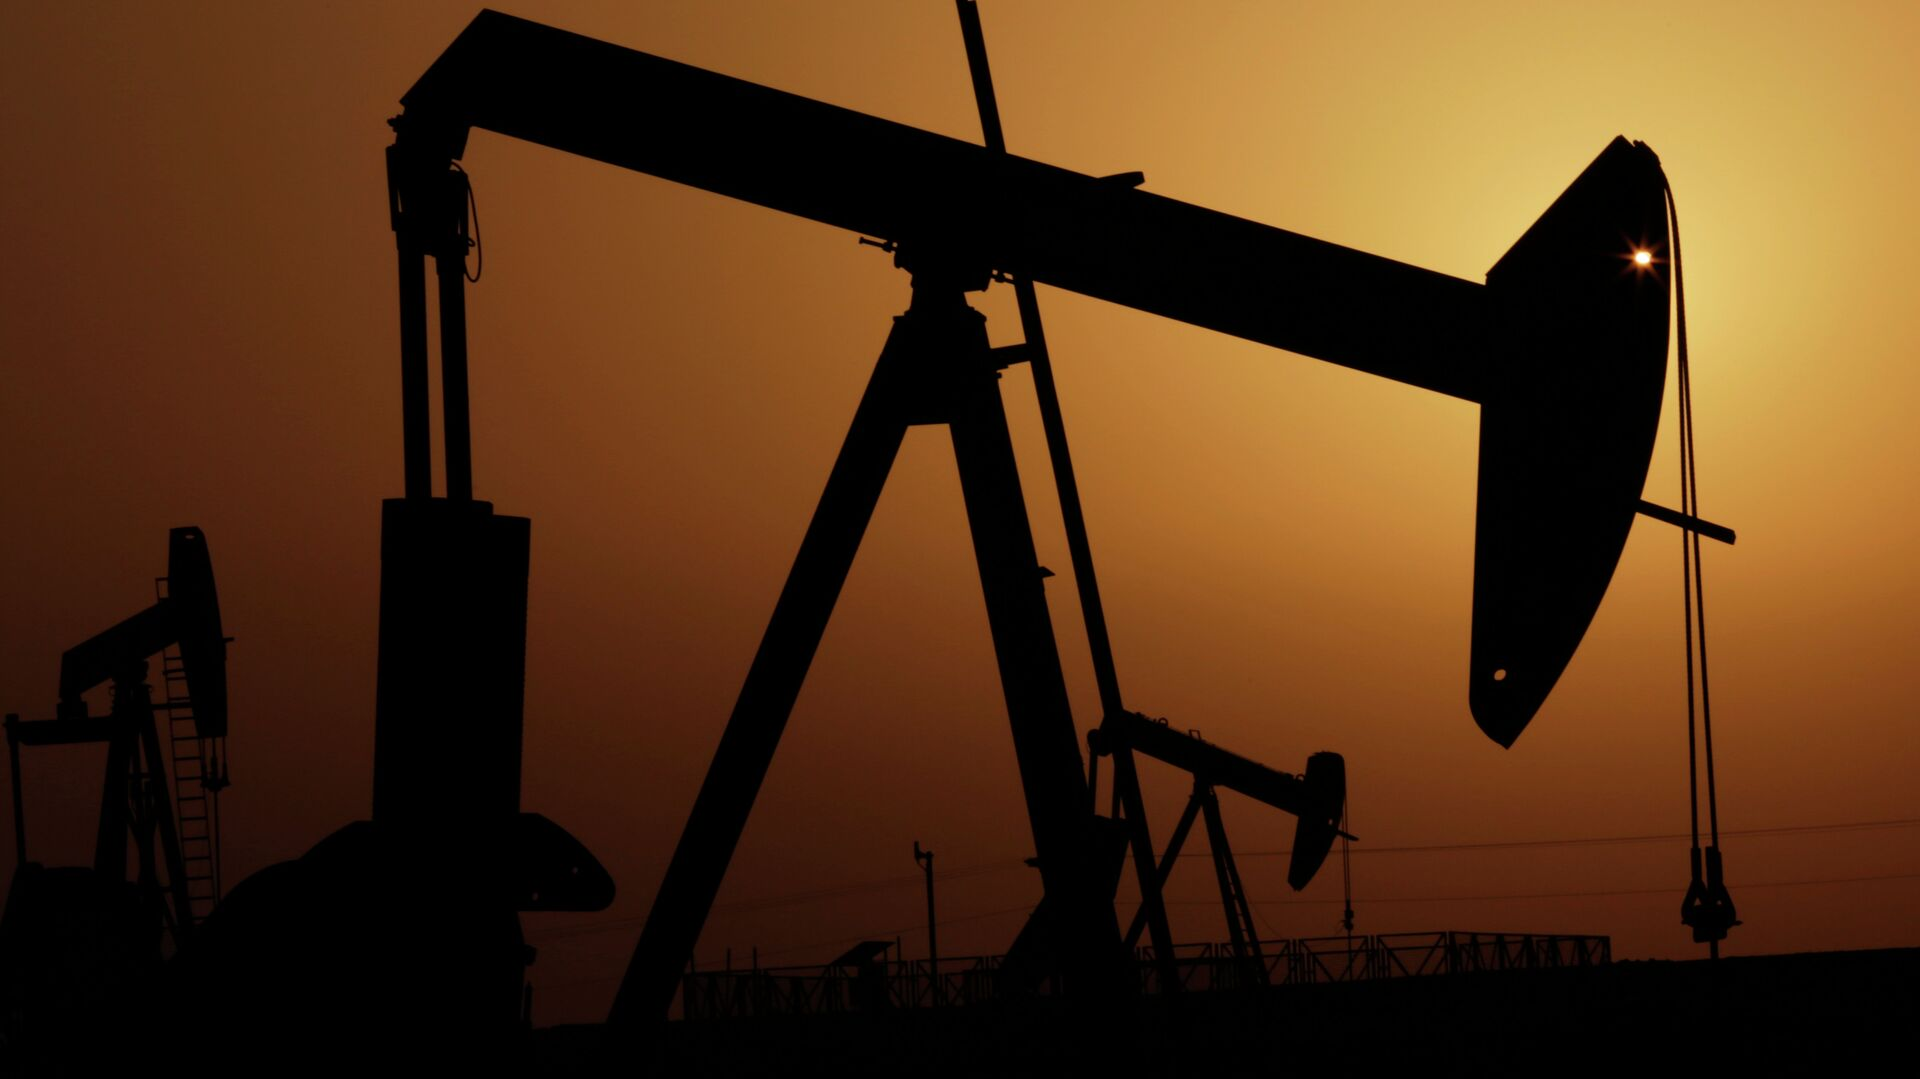 Πετρελαϊκή εγκατάσταση στη Σαουδική Αραβία - Sputnik Ελλάδα, 1920, 01.10.2021